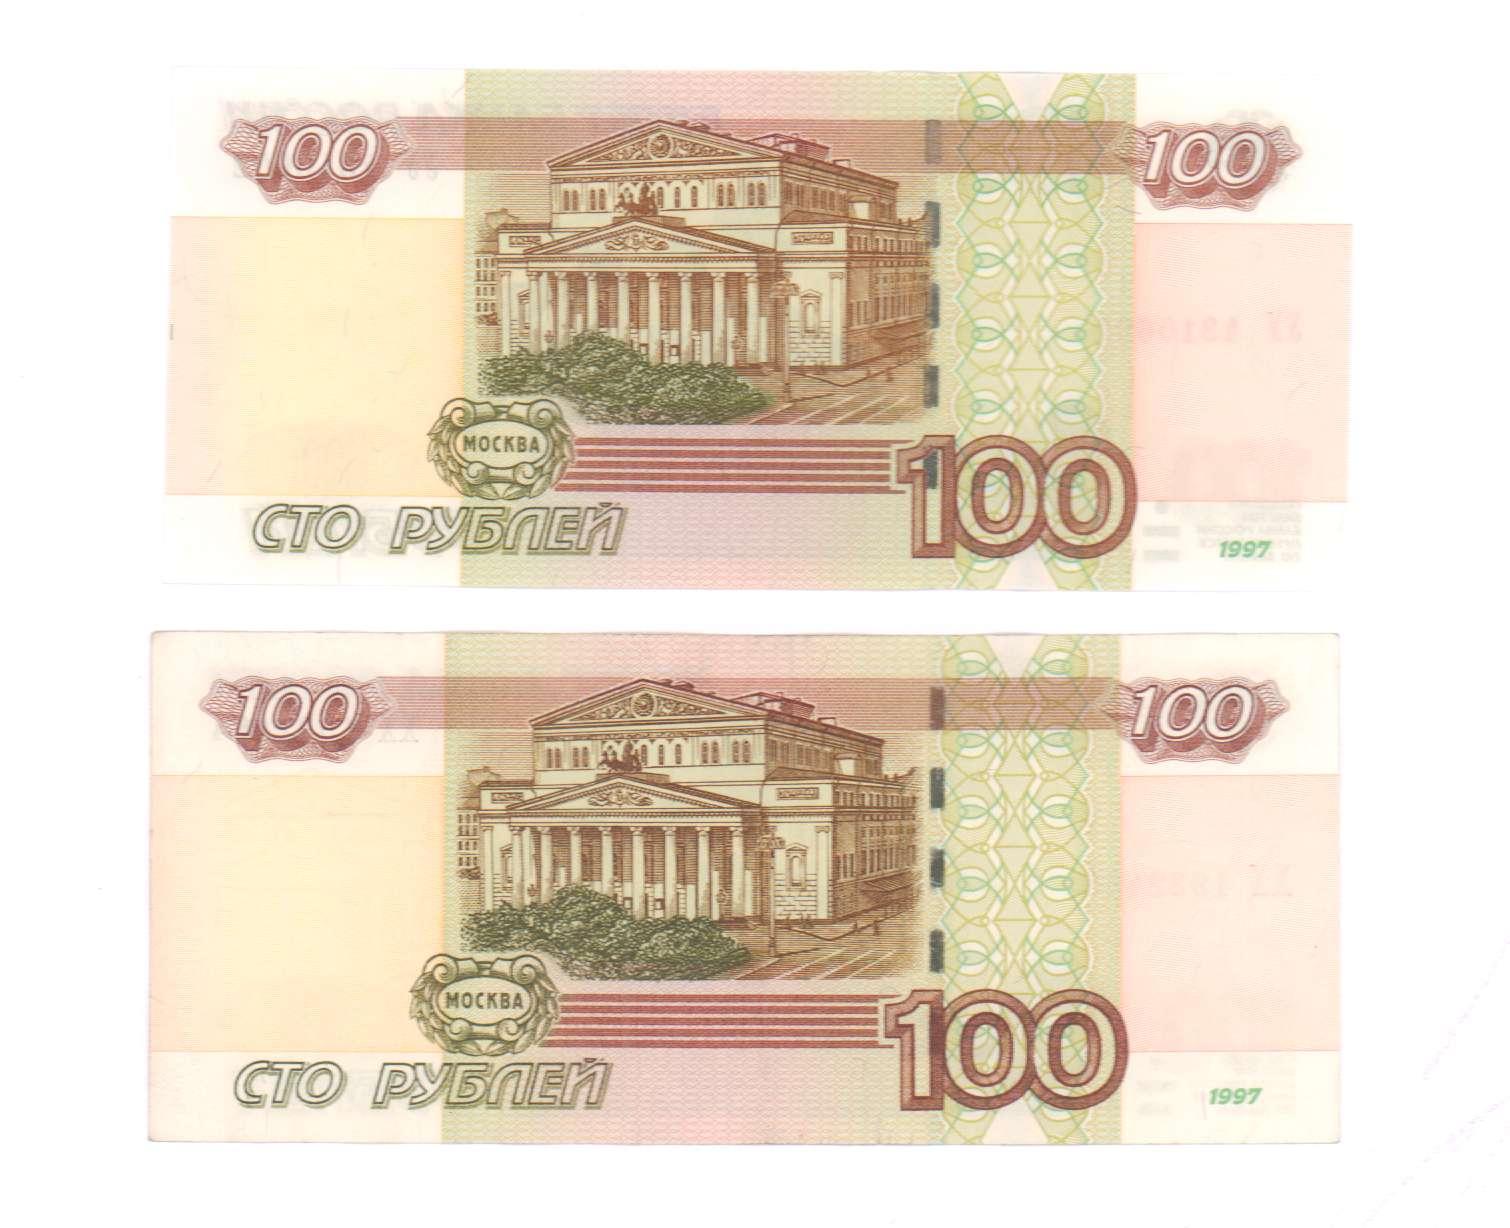 Деньги картинки сто рублей